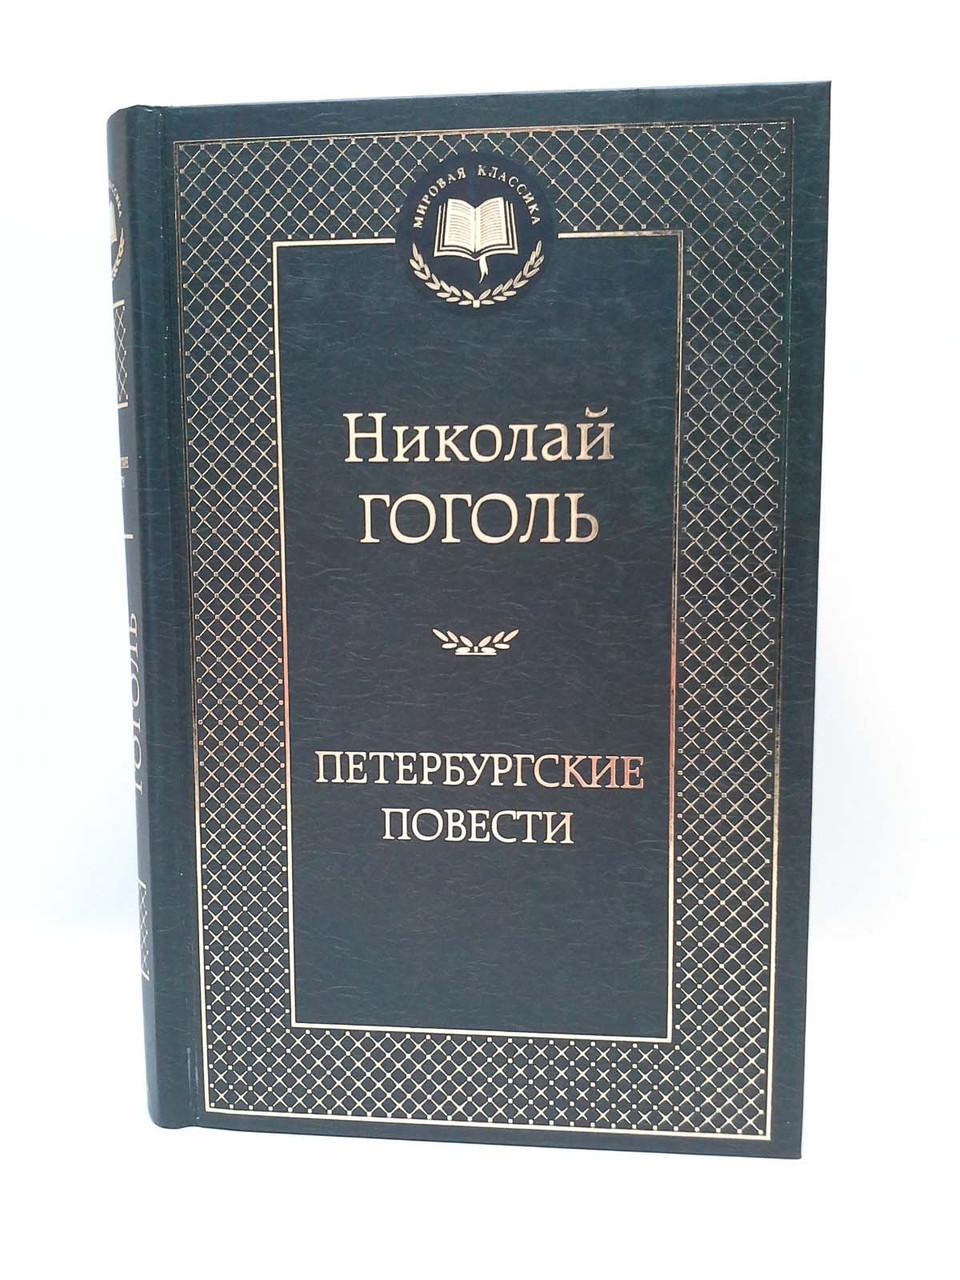 Азбука МирКлас Гоголь Петербургские повести